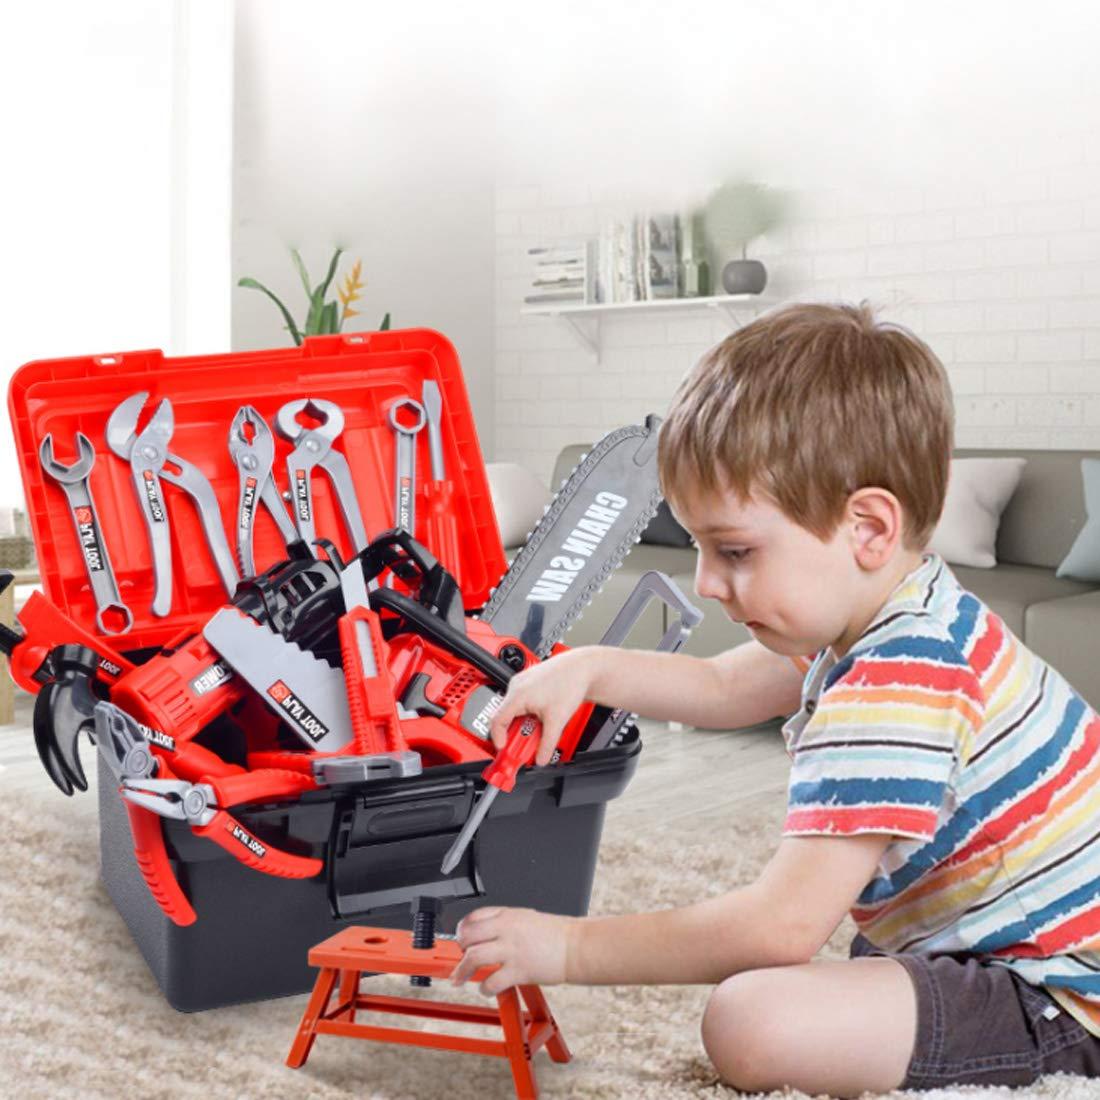 TONGJI Werkzeugkasten Kinder Spielwerkzeug Werkzeugkoffer Set 32Pcs Plastic Pretend Play Kit P/ädagogische BAU Spielzeug F/ür Kinder